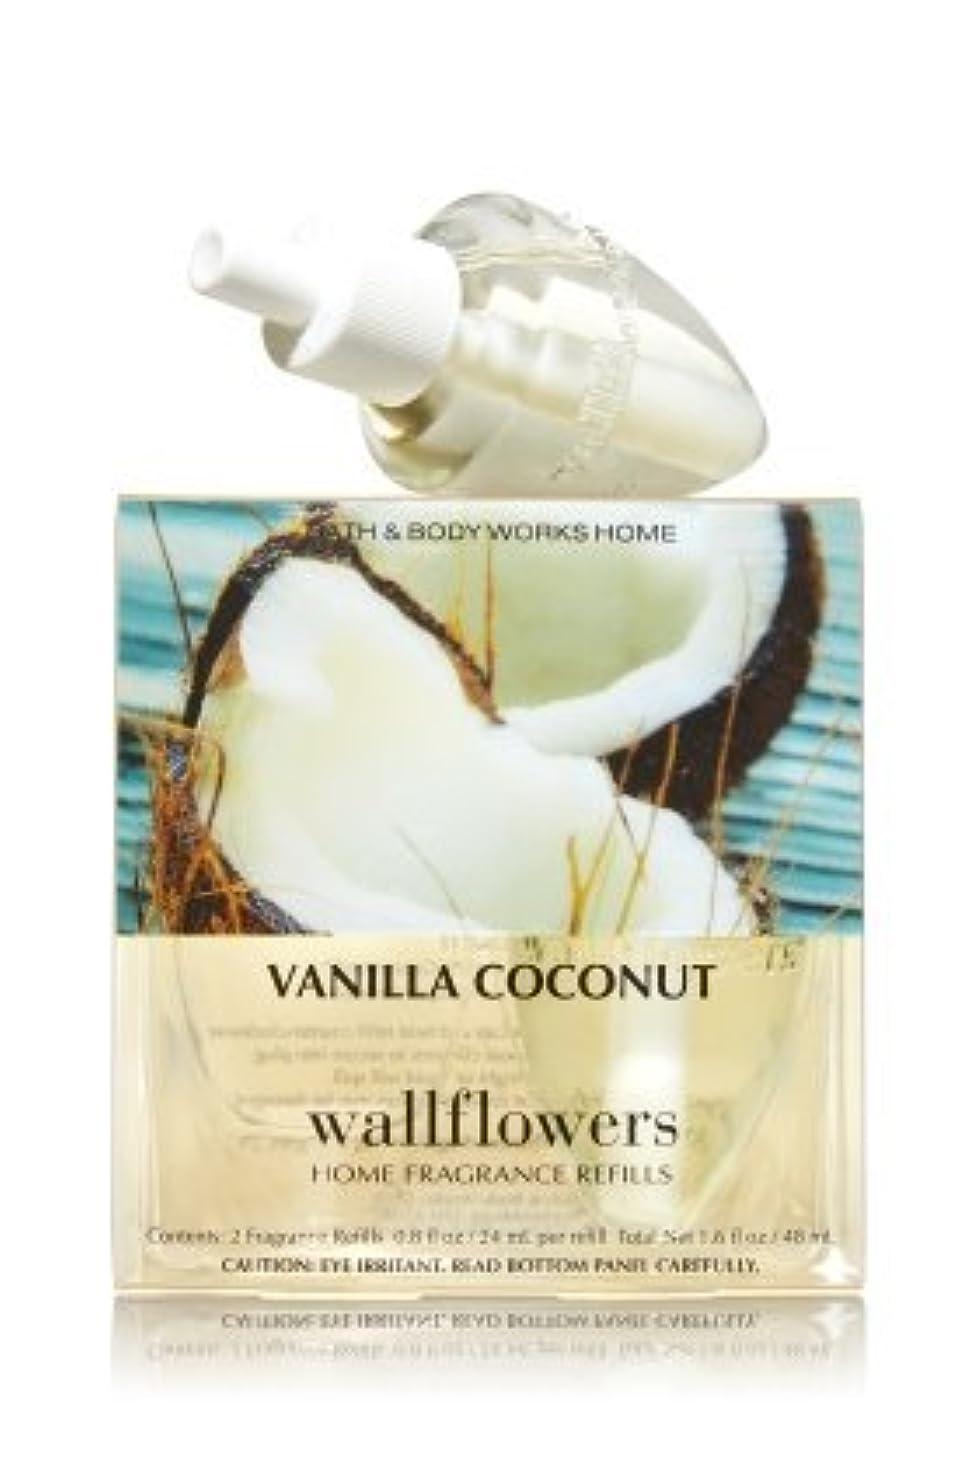 歌詞耕す控える【Bath&Body Works/バス&ボディワークス】 ルームフレグランス 詰替えリフィル(2個入り) バニラココナッツ Wallflowers Home Fragrance 2-Pack Refills Vanilla Coconut [並行輸入品]